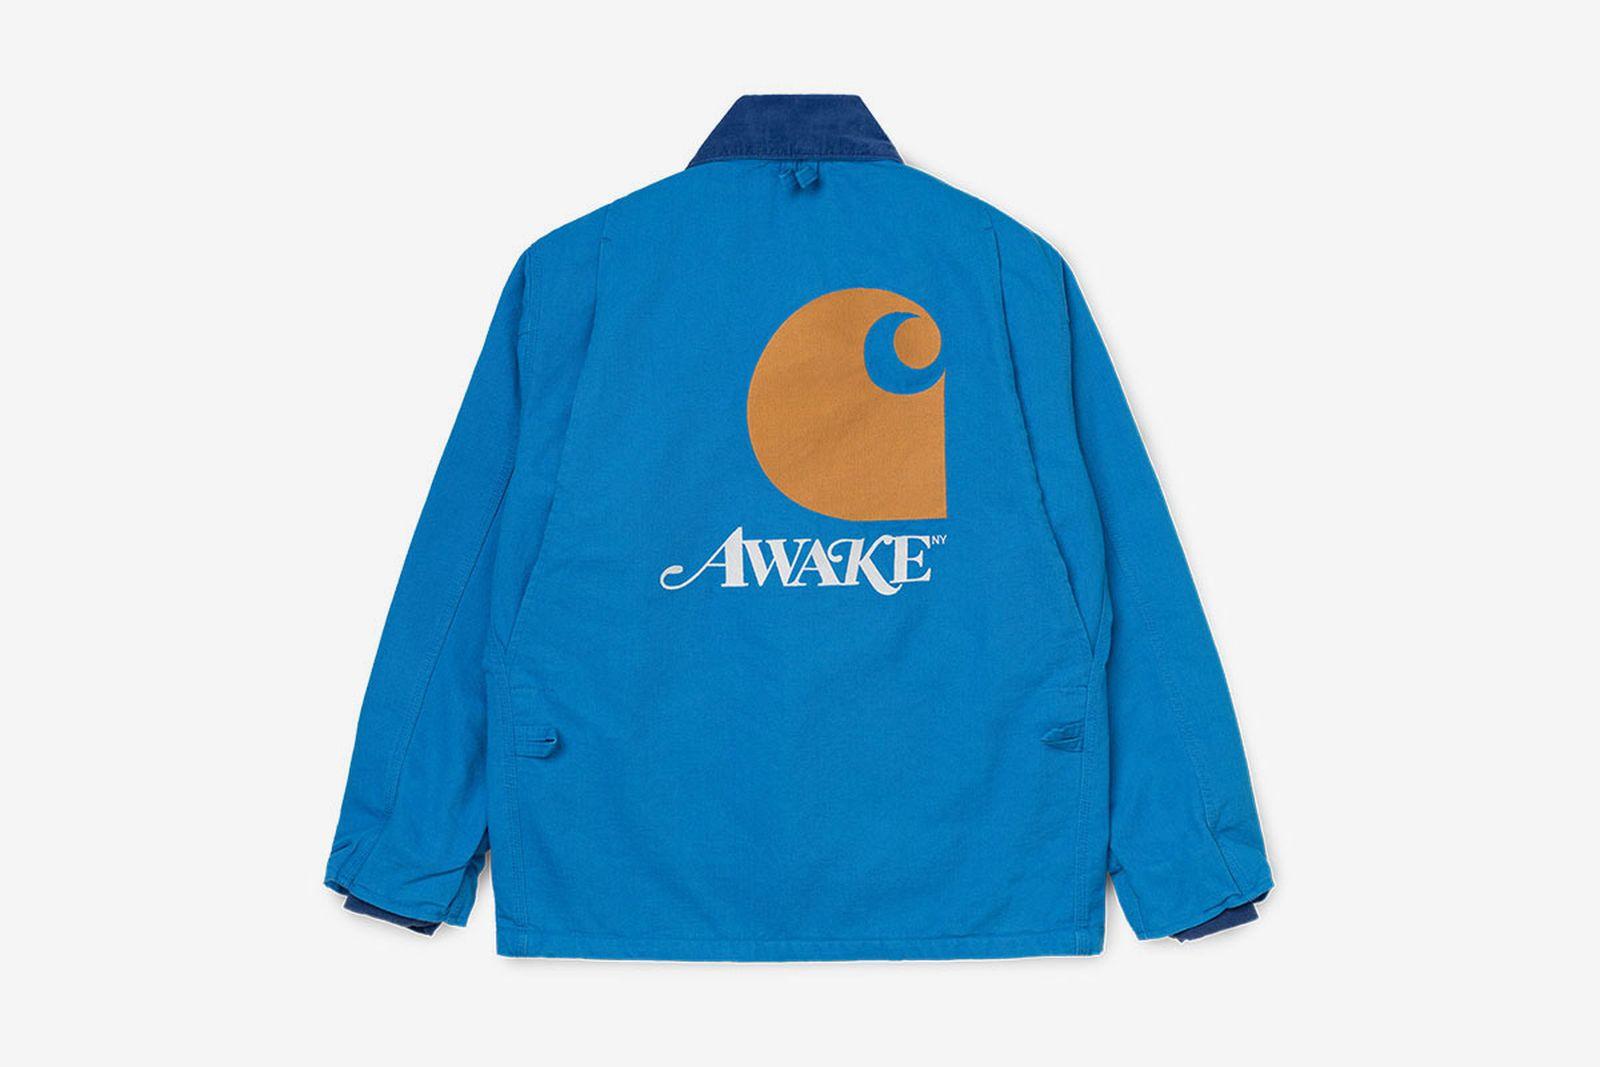 carhartt-wip-awake-ny-ss20-1-15